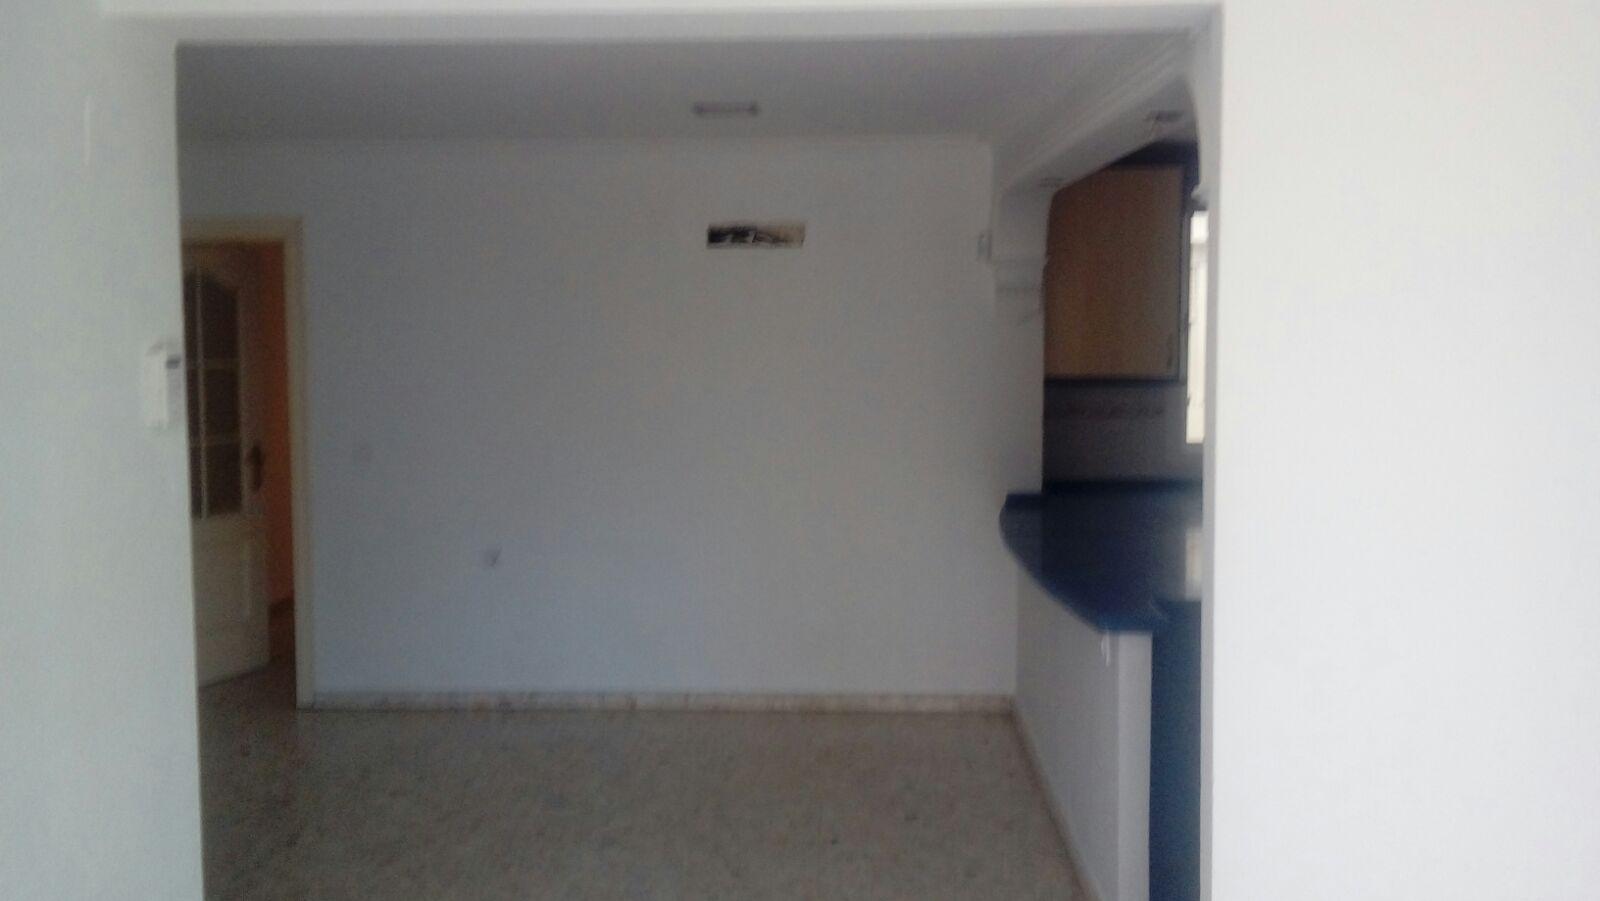 Piso en venta en Distrito Este-alcosa-torreblanca, Sevilla, Sevilla, Calle Toreesmenudas, 91.000 €, 2 habitaciones, 1 baño, 101 m2